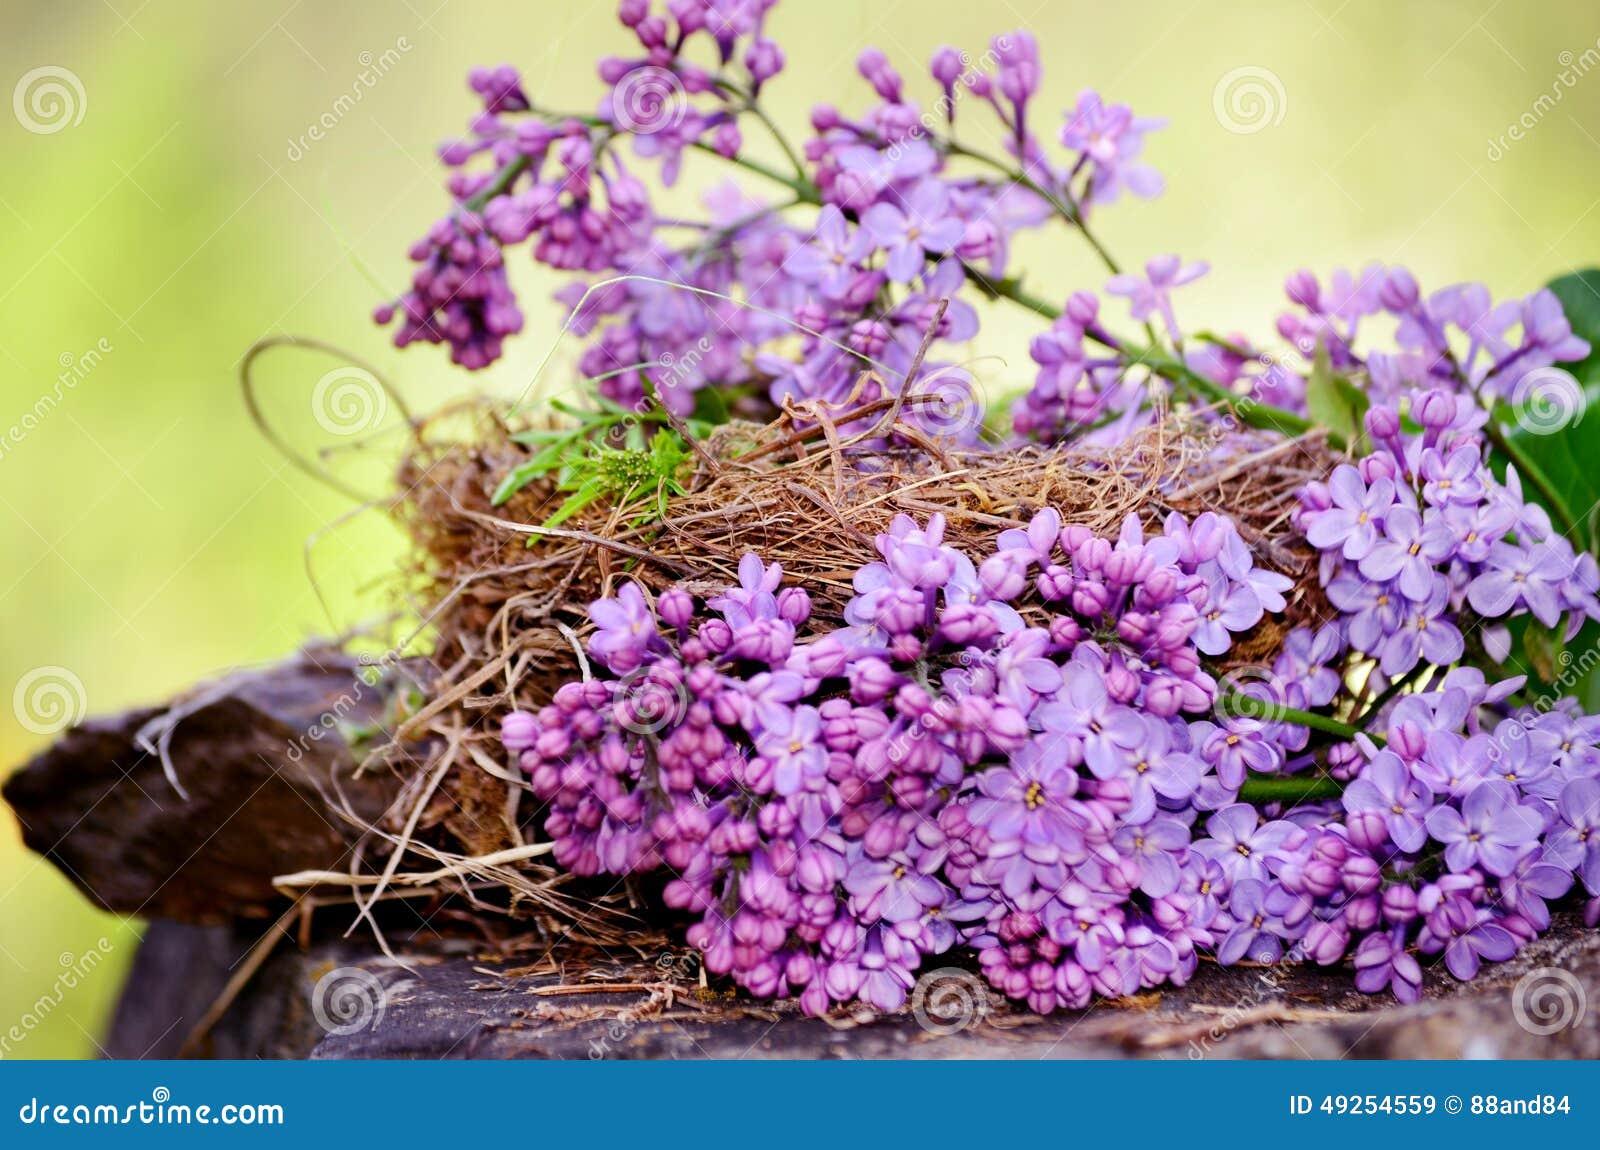 Vrai Nid Avec La Fleur Lilas Image Stock Image Du Duree Vide